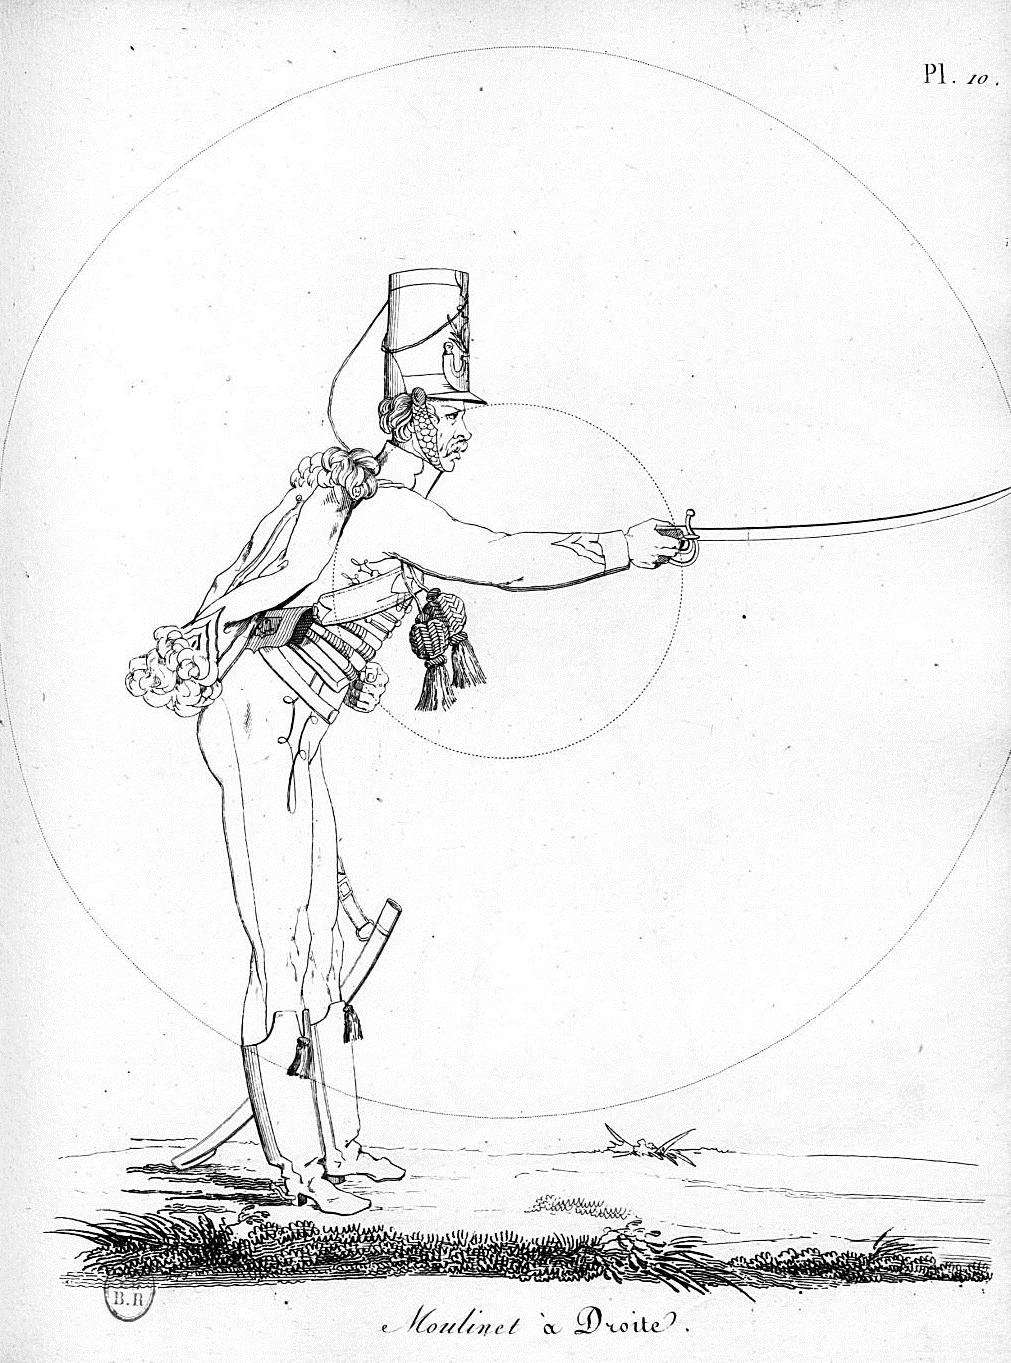 M. J. de St. Martin, maitre d'armes Sanstitrebme